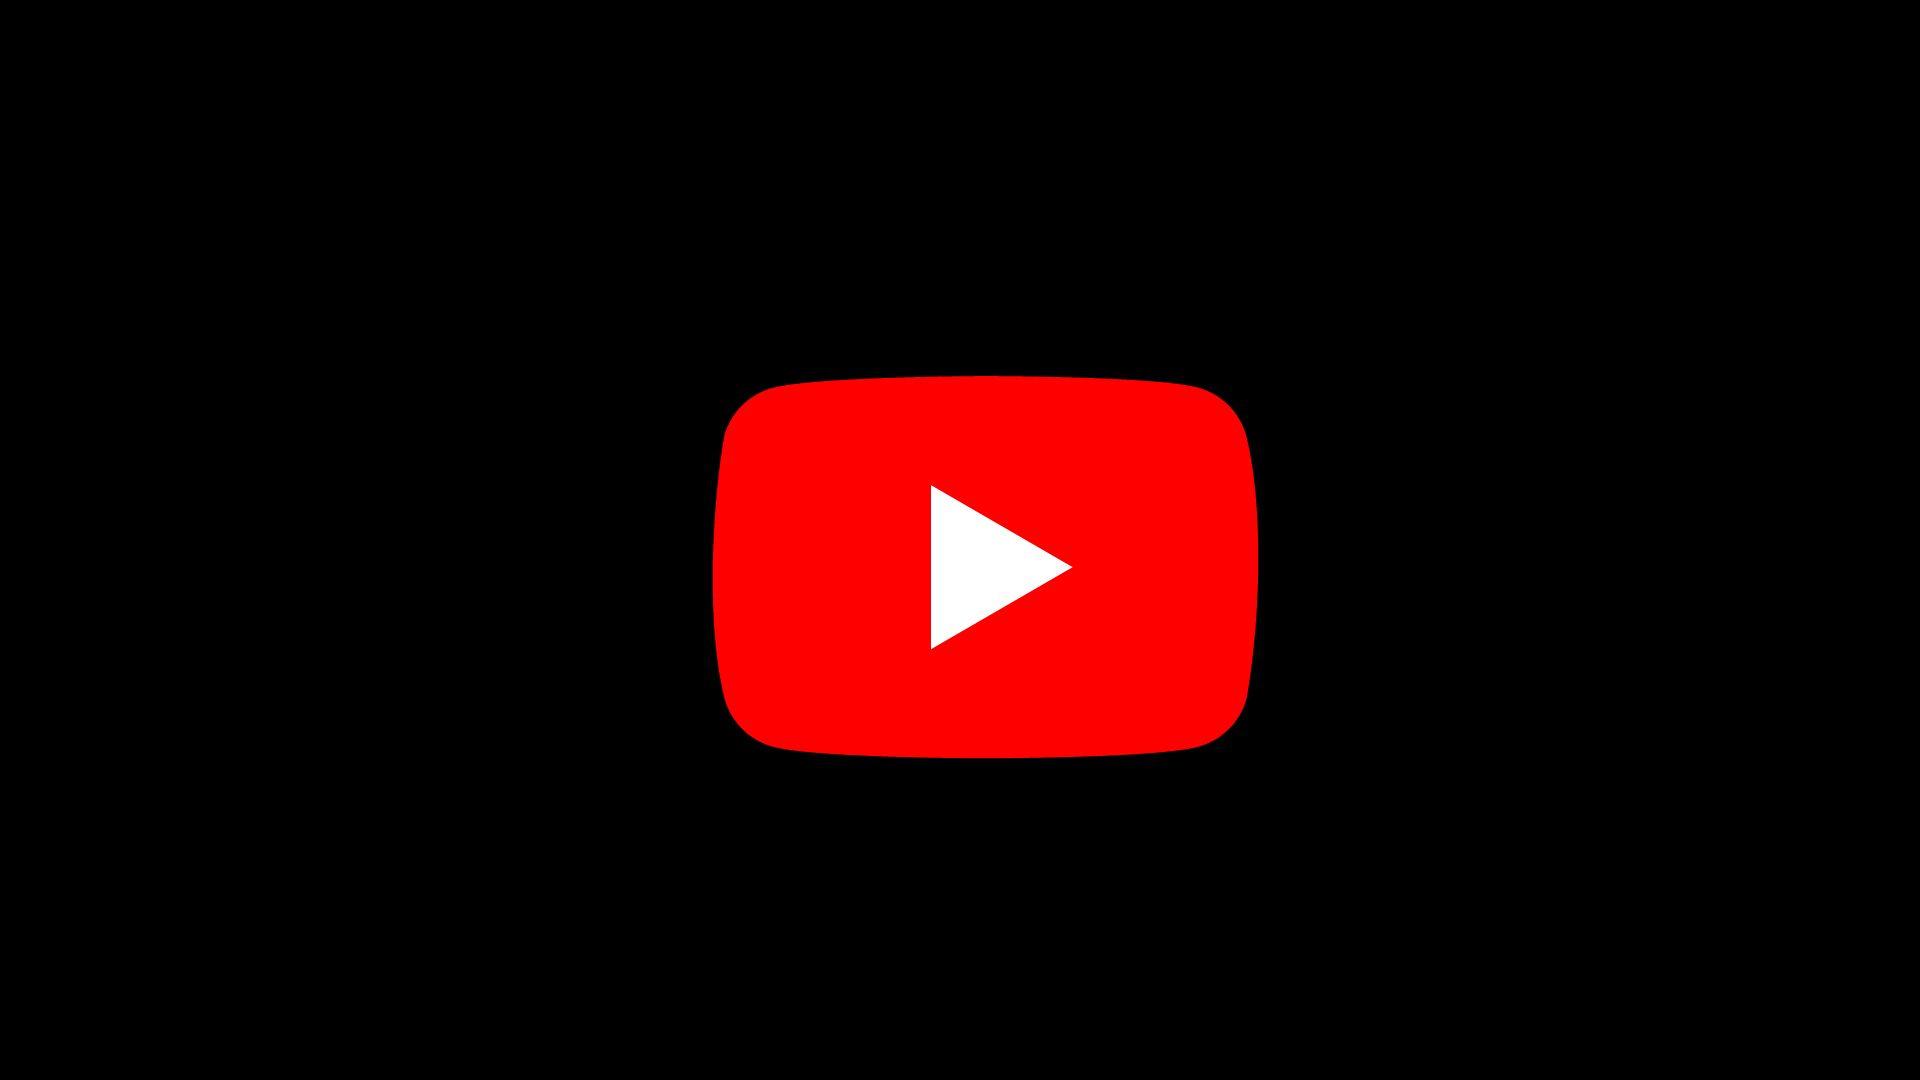 Ведущим YouTube-каналов разрешили ругаться и показывать наркотики